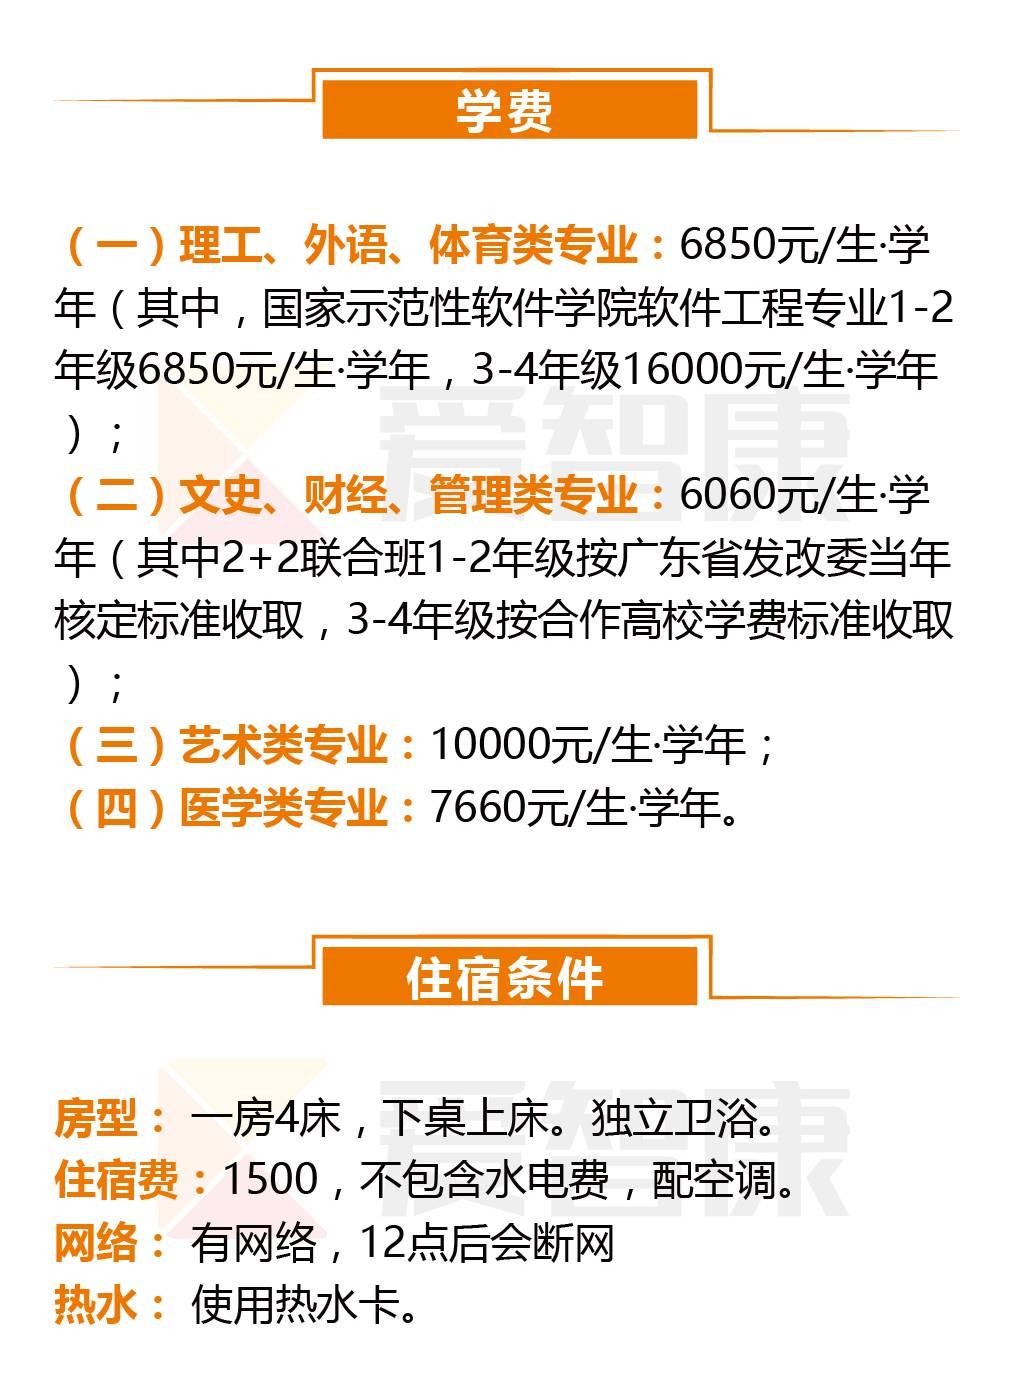 华南理工大学学费及住所条件